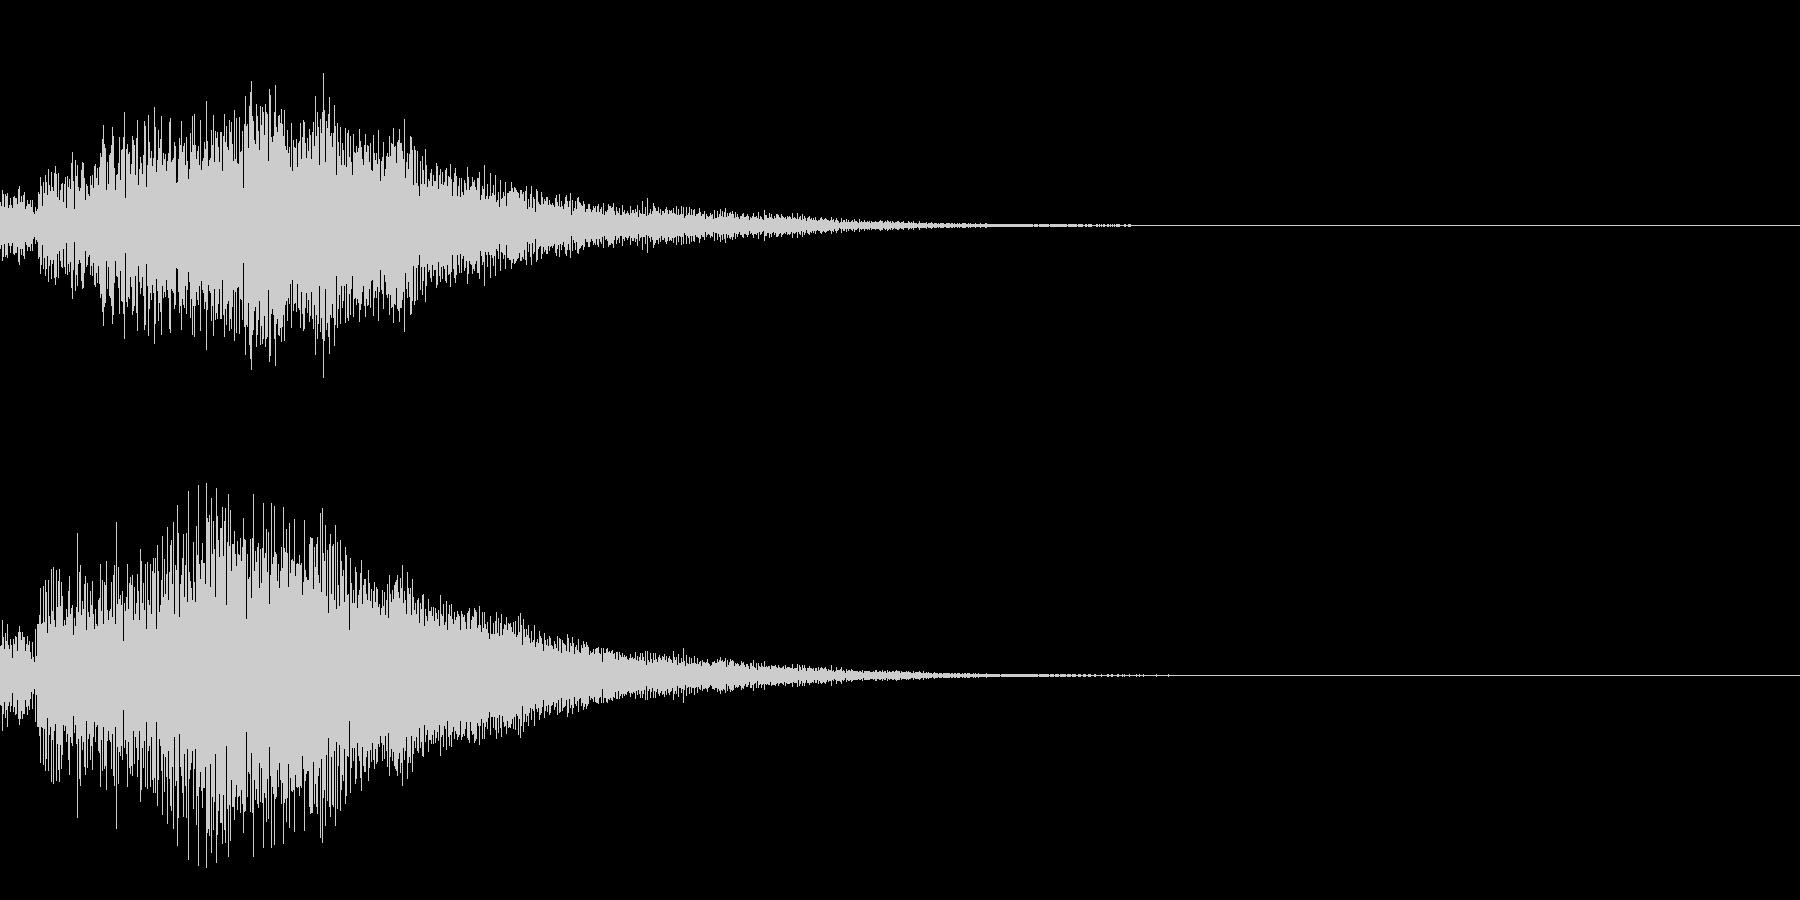 シンプルな決定音 ボタン音 正解音 19の未再生の波形